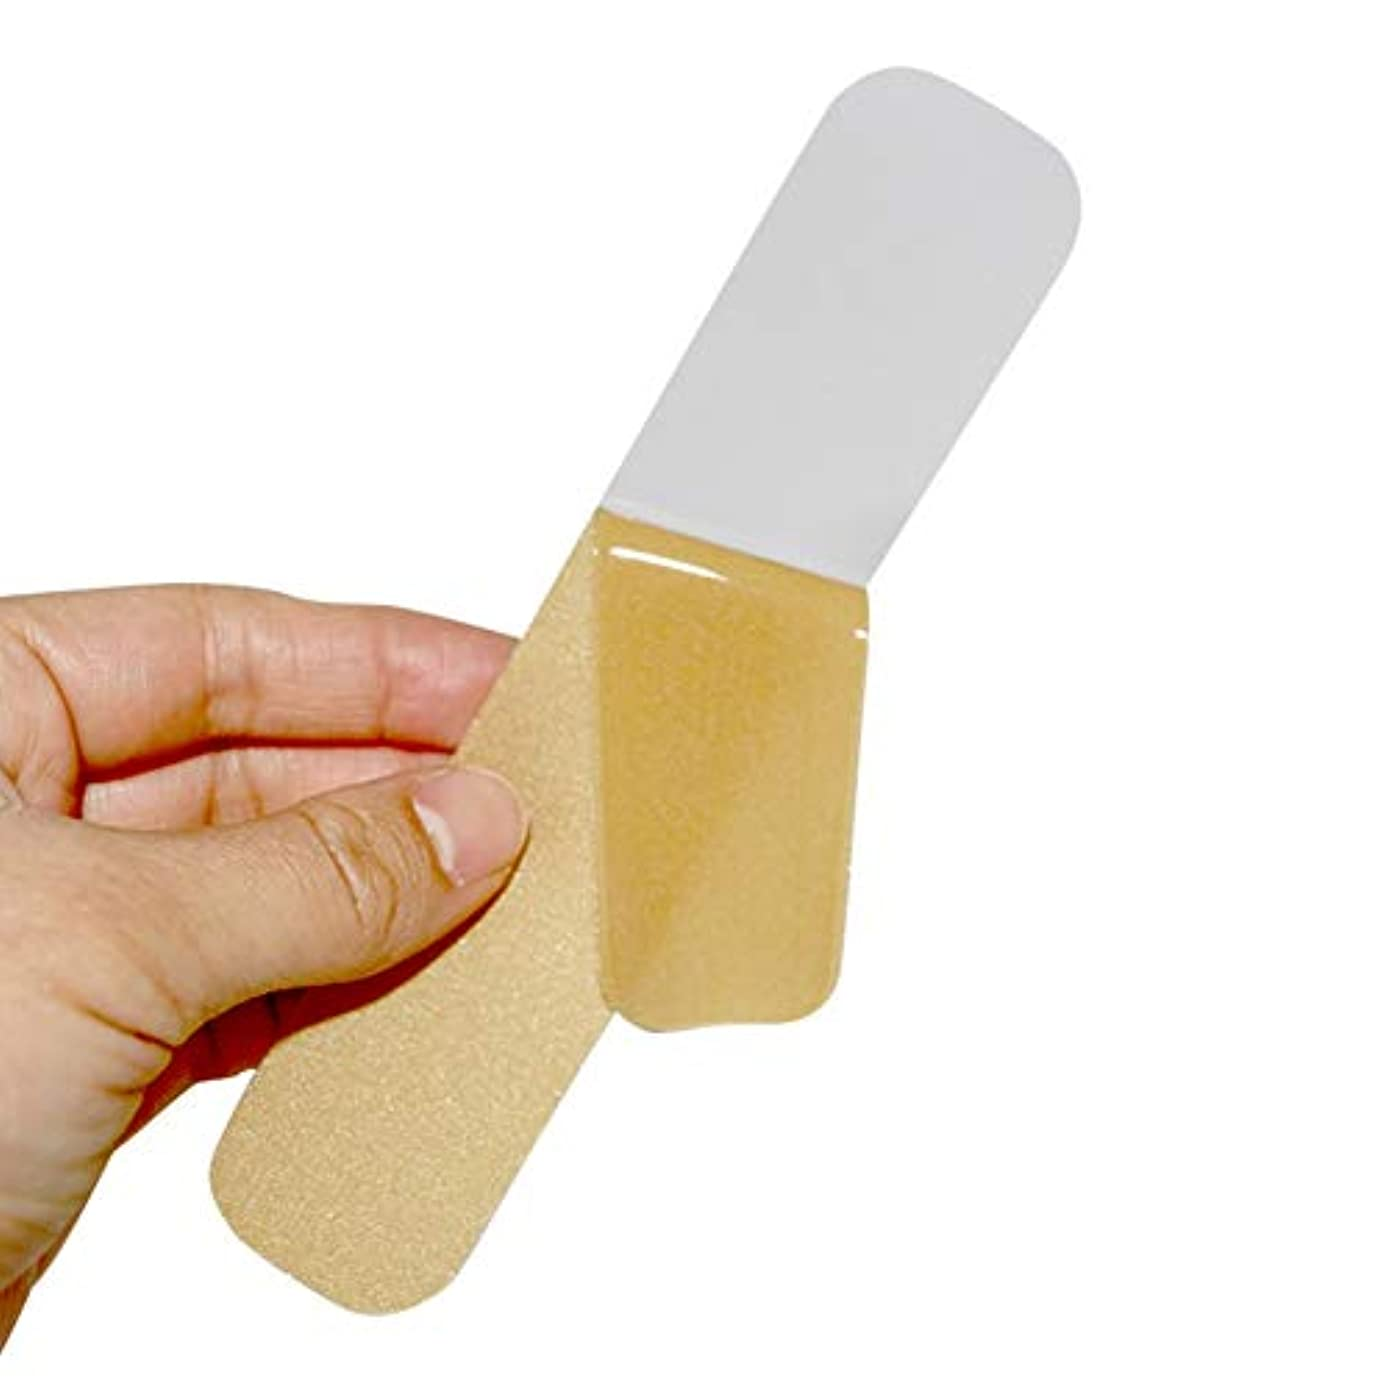 悪名高いリットルガジュマルDkhsyシリコンゲル傷跡シートゲルパッチシリコンゲルパッチ再利用可能なシリコンゲルパッチ傷跡除去ヒーリングシート皮膚修復シーティング